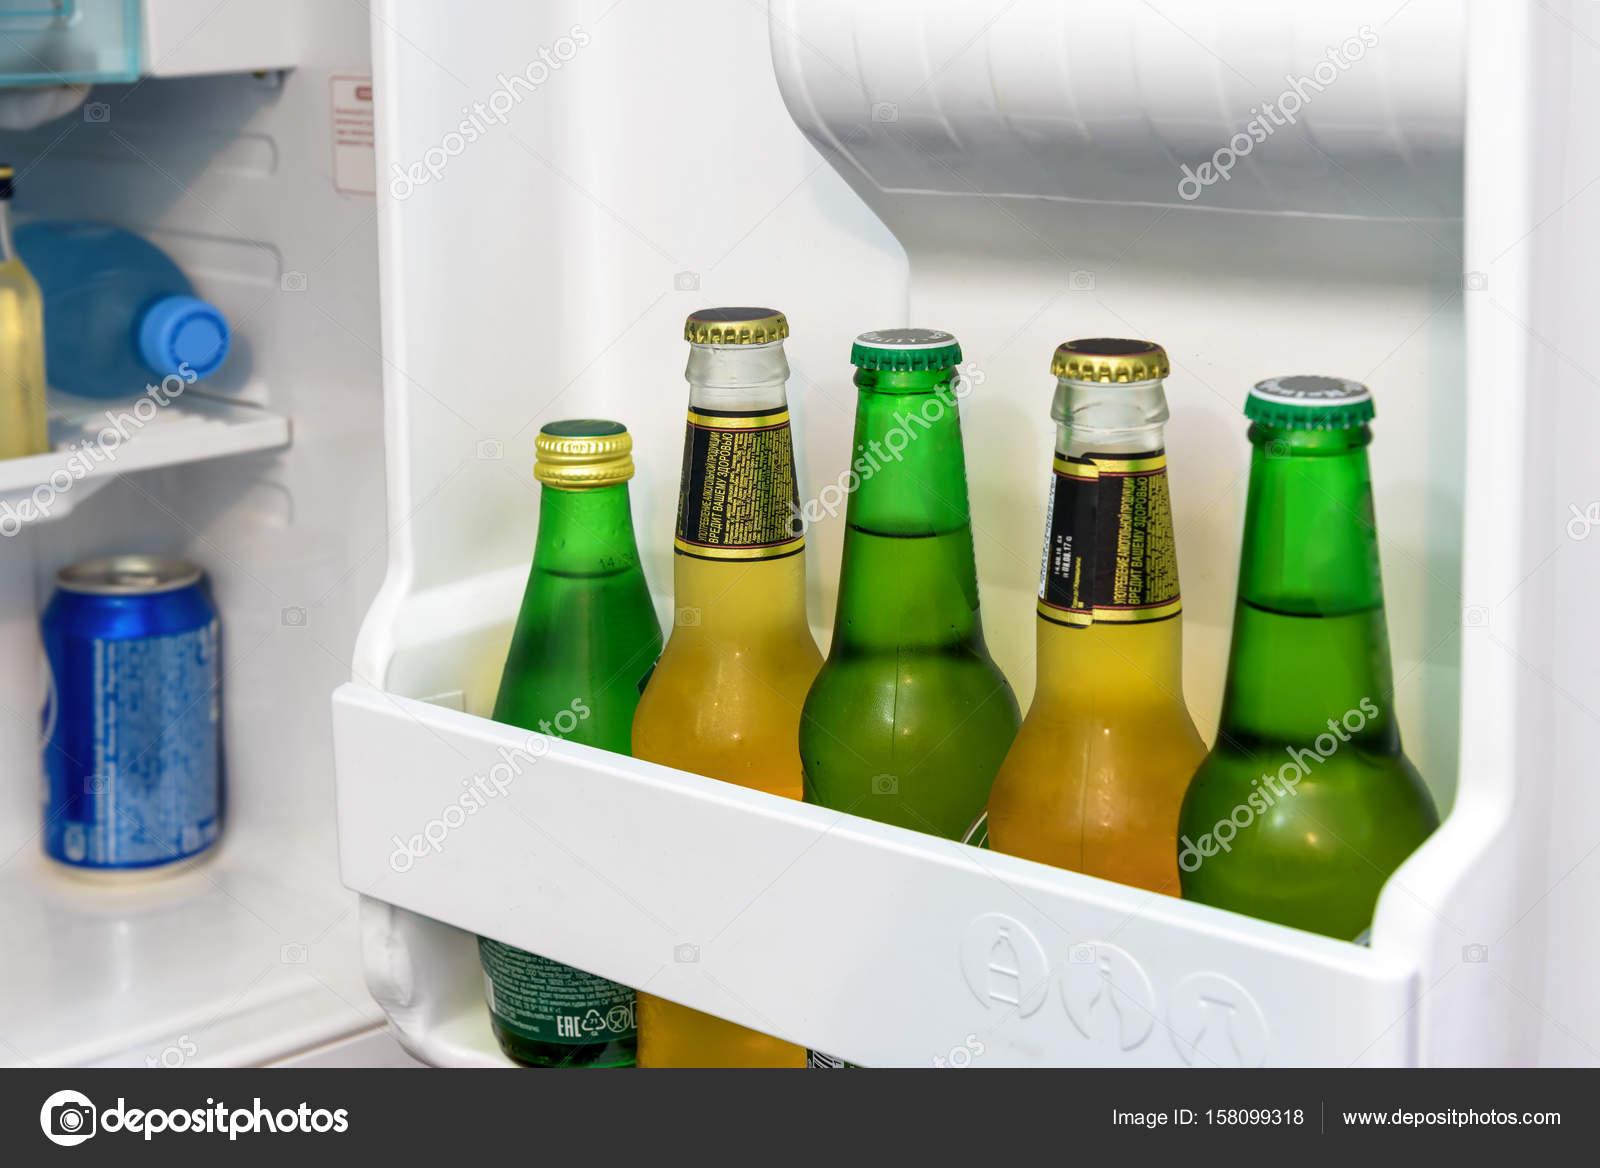 Mini Kühlschrank Für Flaschen : Mini kühlschrank voller flaschen u stockfoto scaliger